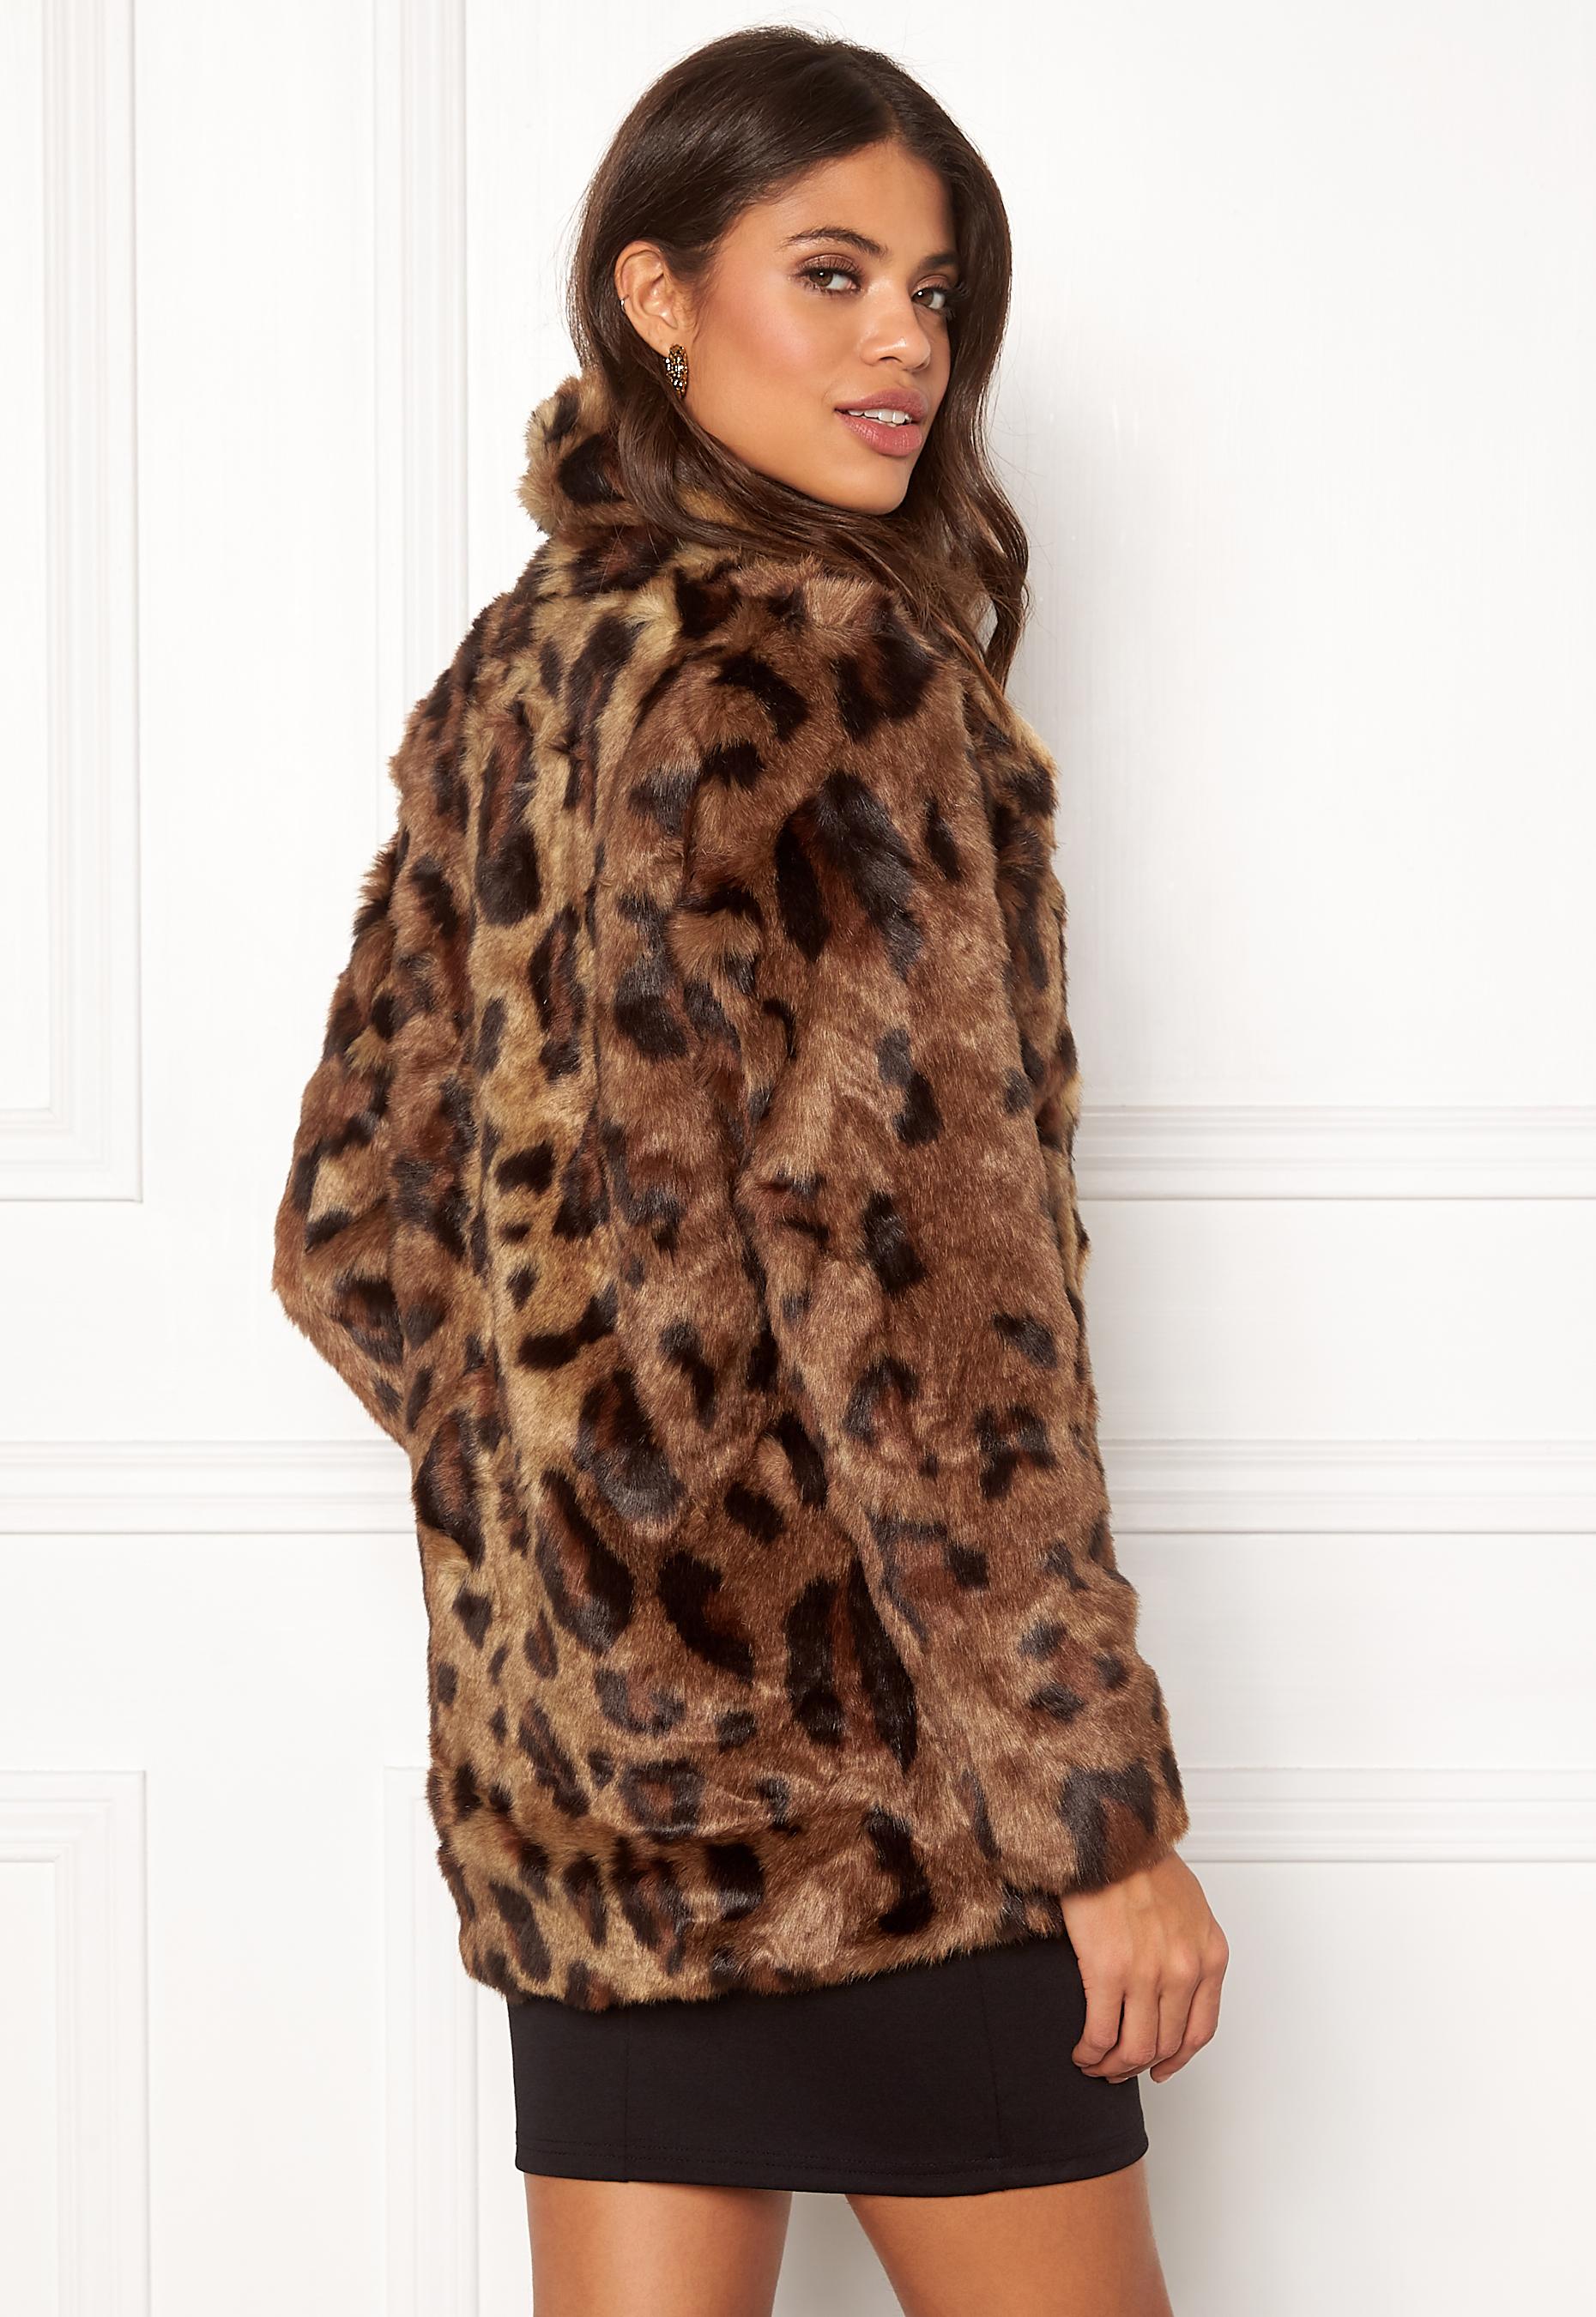 Eye Faux Fur Bubbleroom Coat Only Tigers Juliane Leo xYZwf5qP